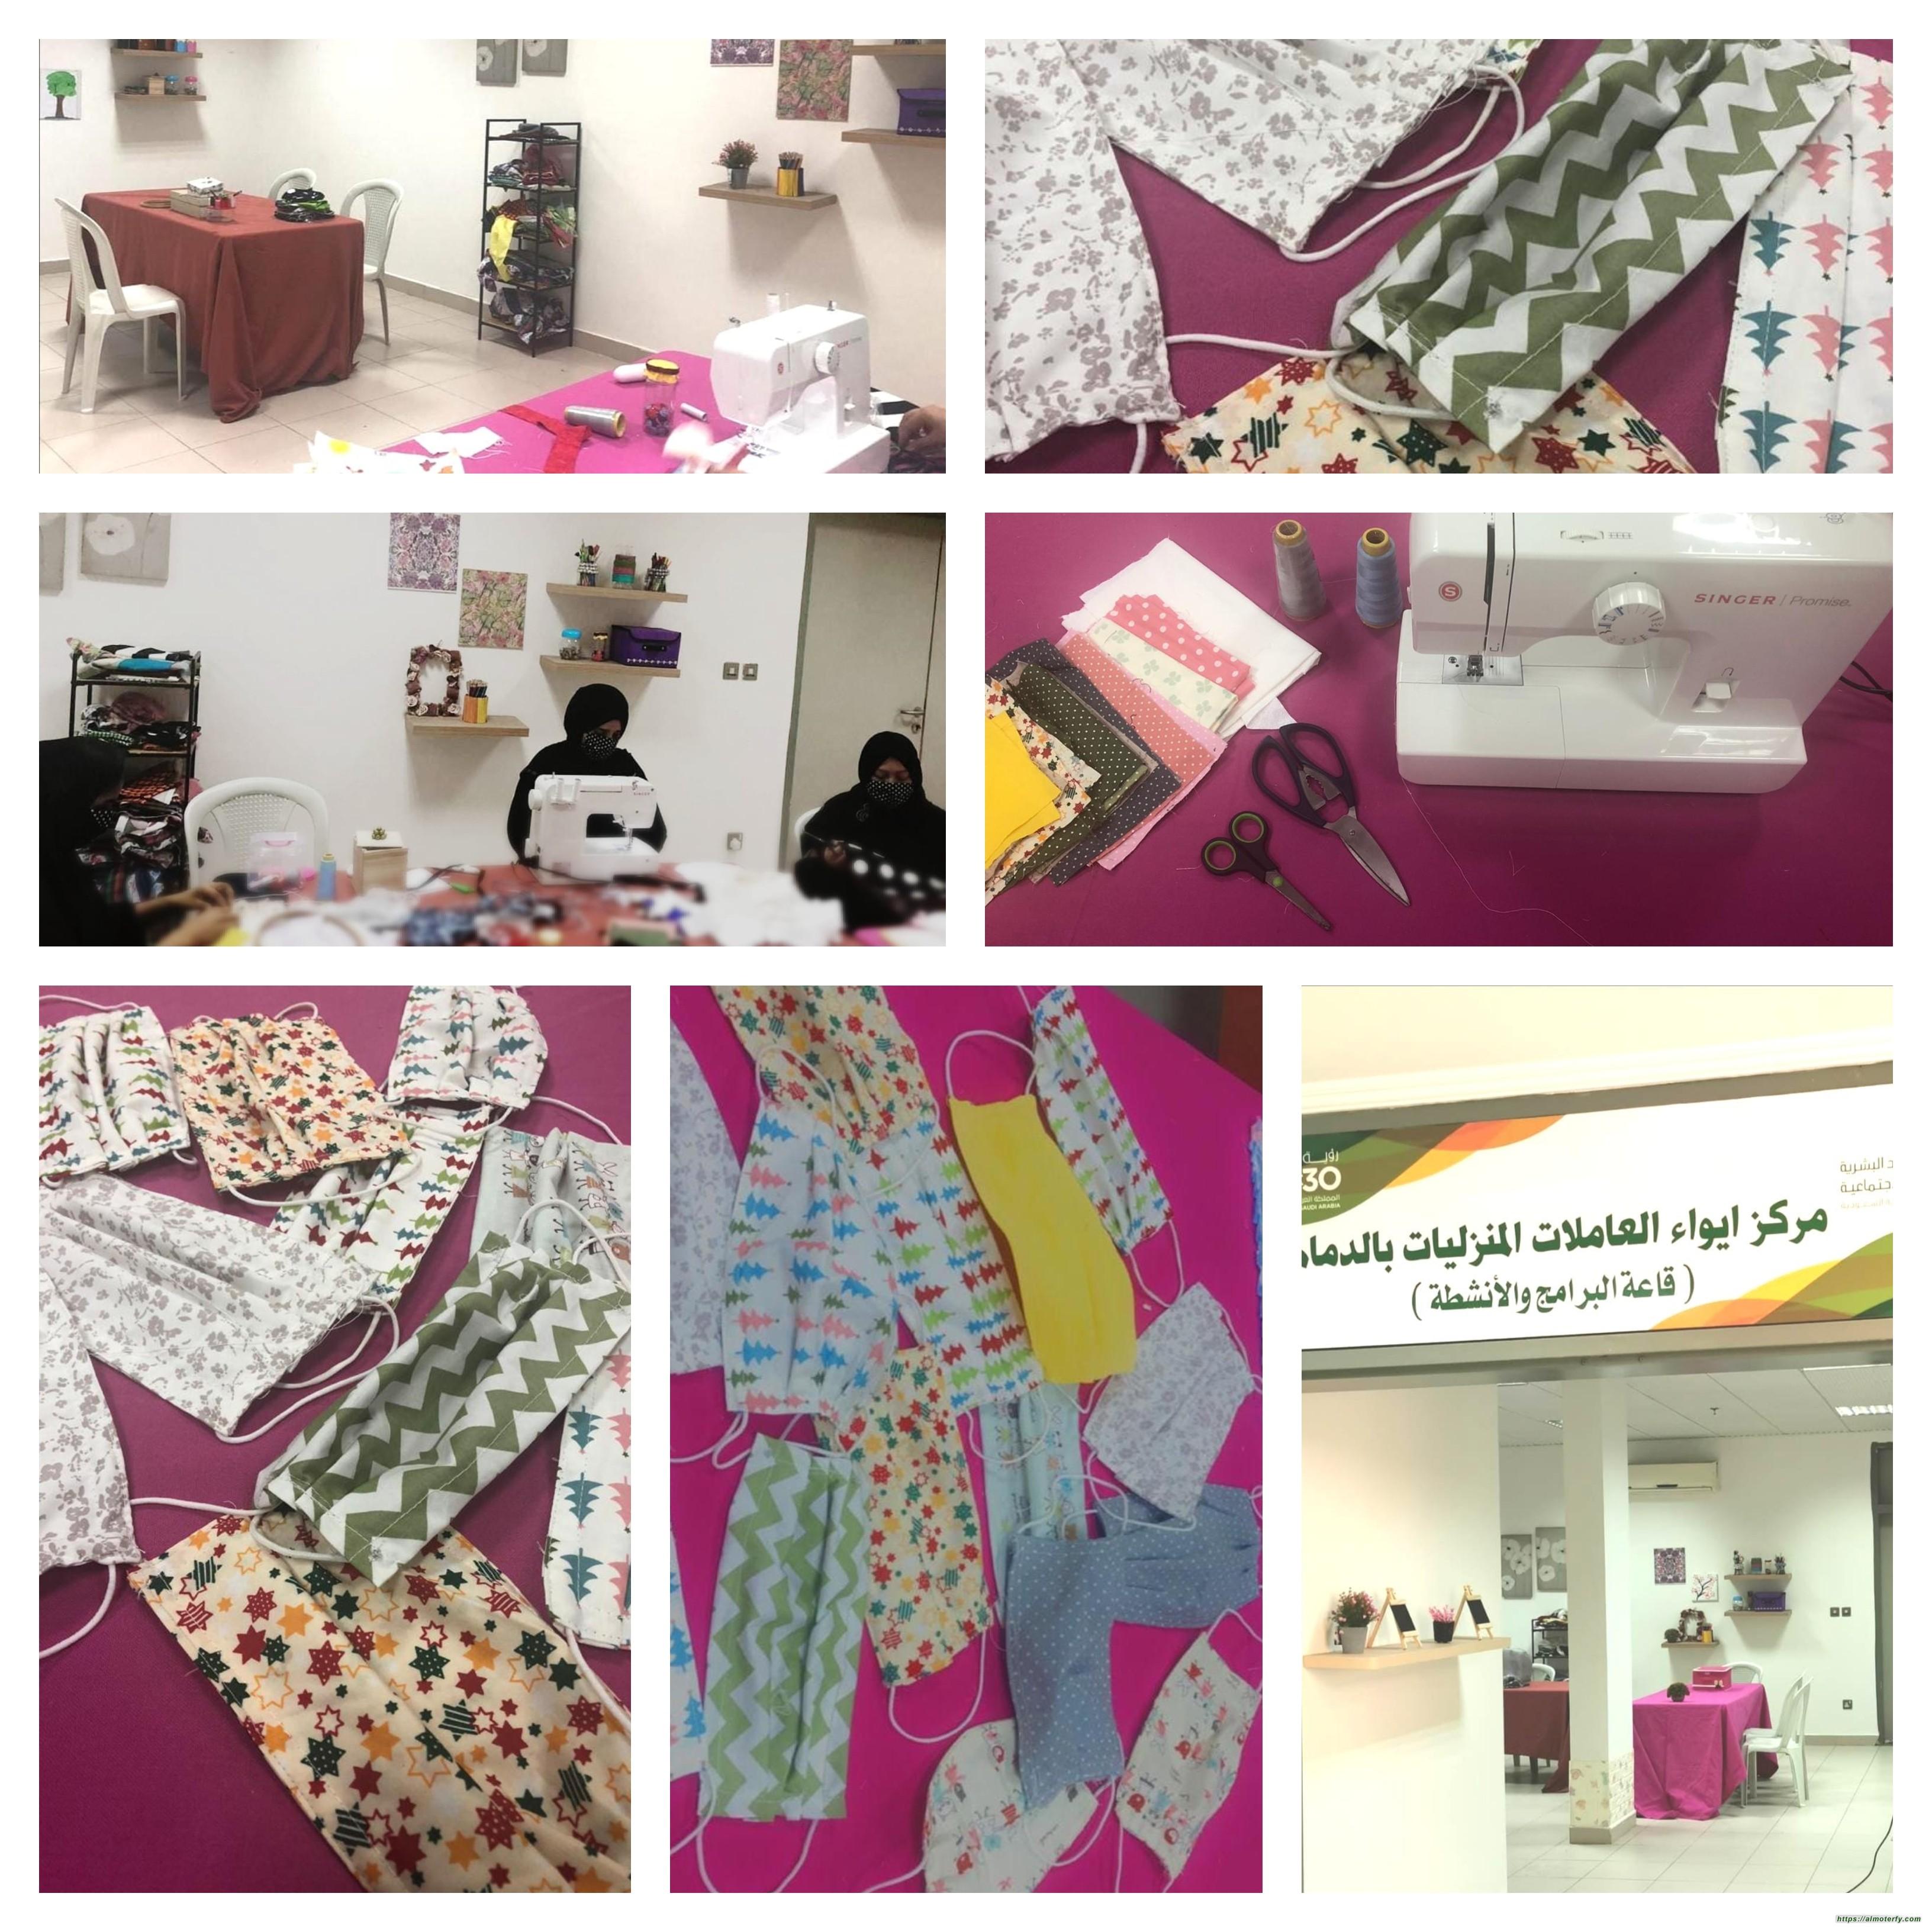 ورش فنية لعاملات مركز إيواء الدمام ضمن برنامج (صنعت بيدي)